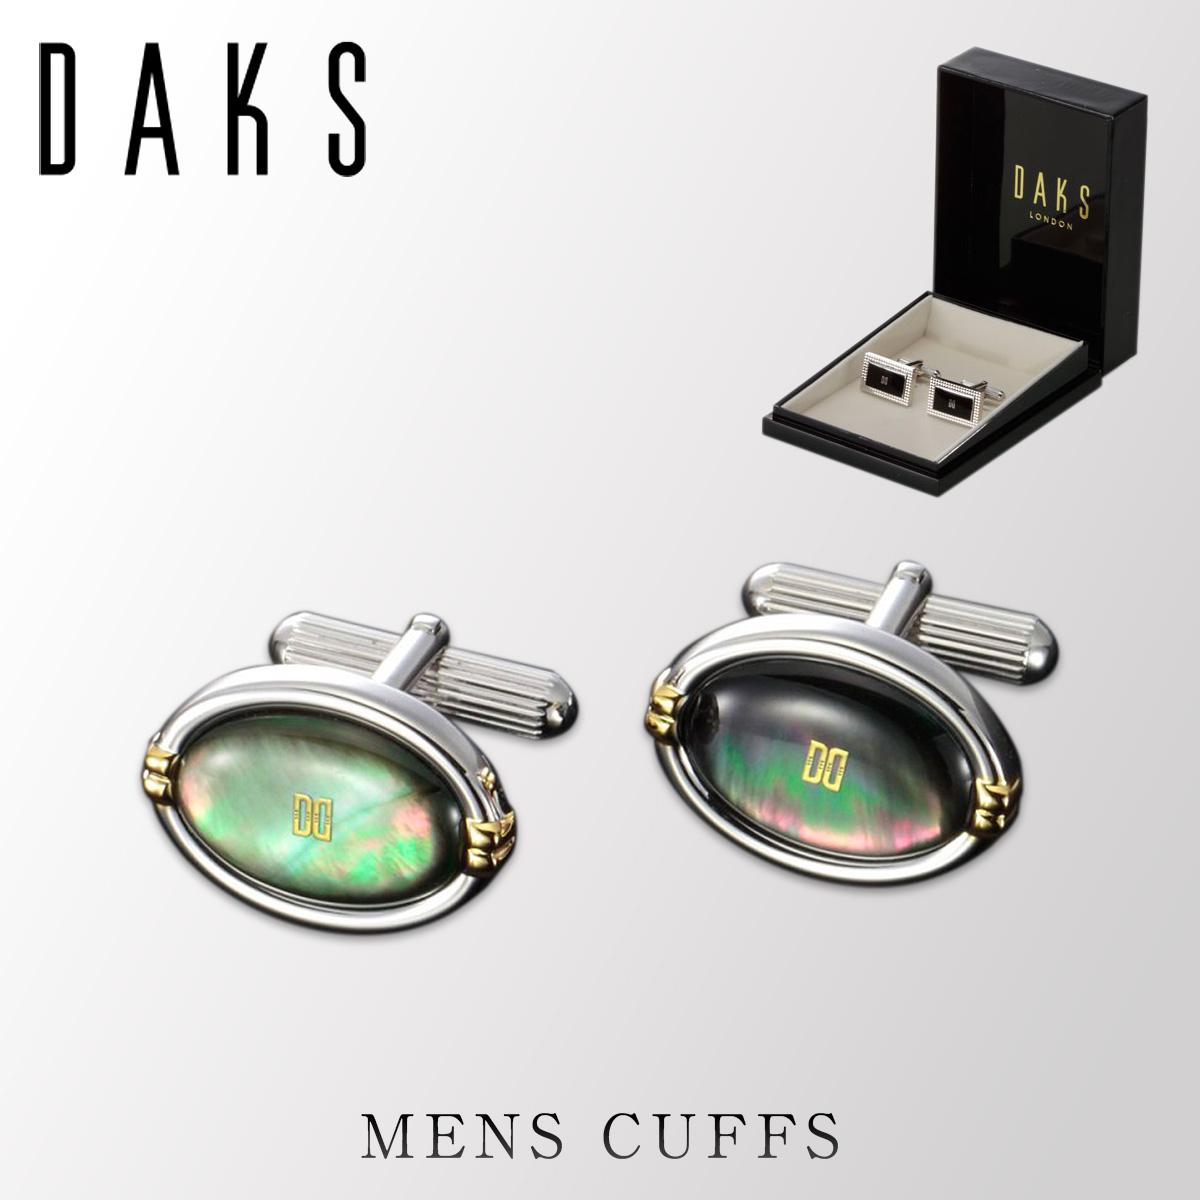 カフス カフスボタン DAKS ダックス DC12026 夜光貝 メンズファッション ギフト プレゼント 贈り物 人気